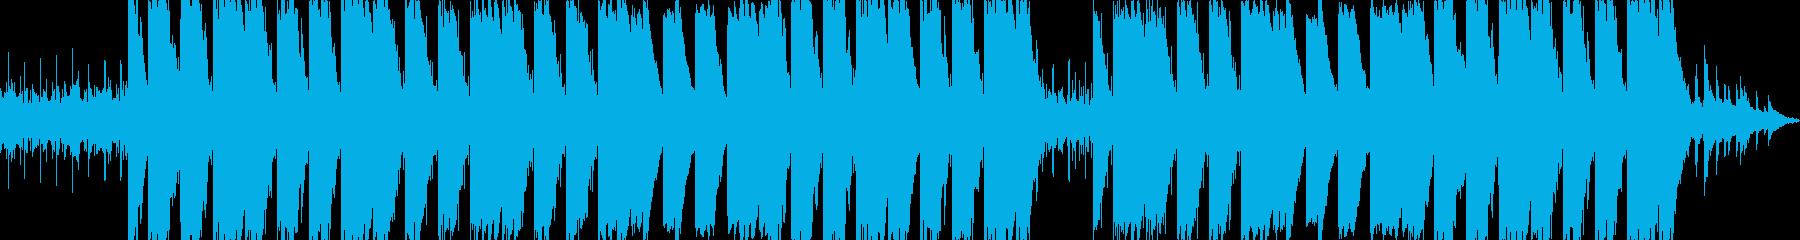 幻想的なシンセサウンドのエモトラップの再生済みの波形